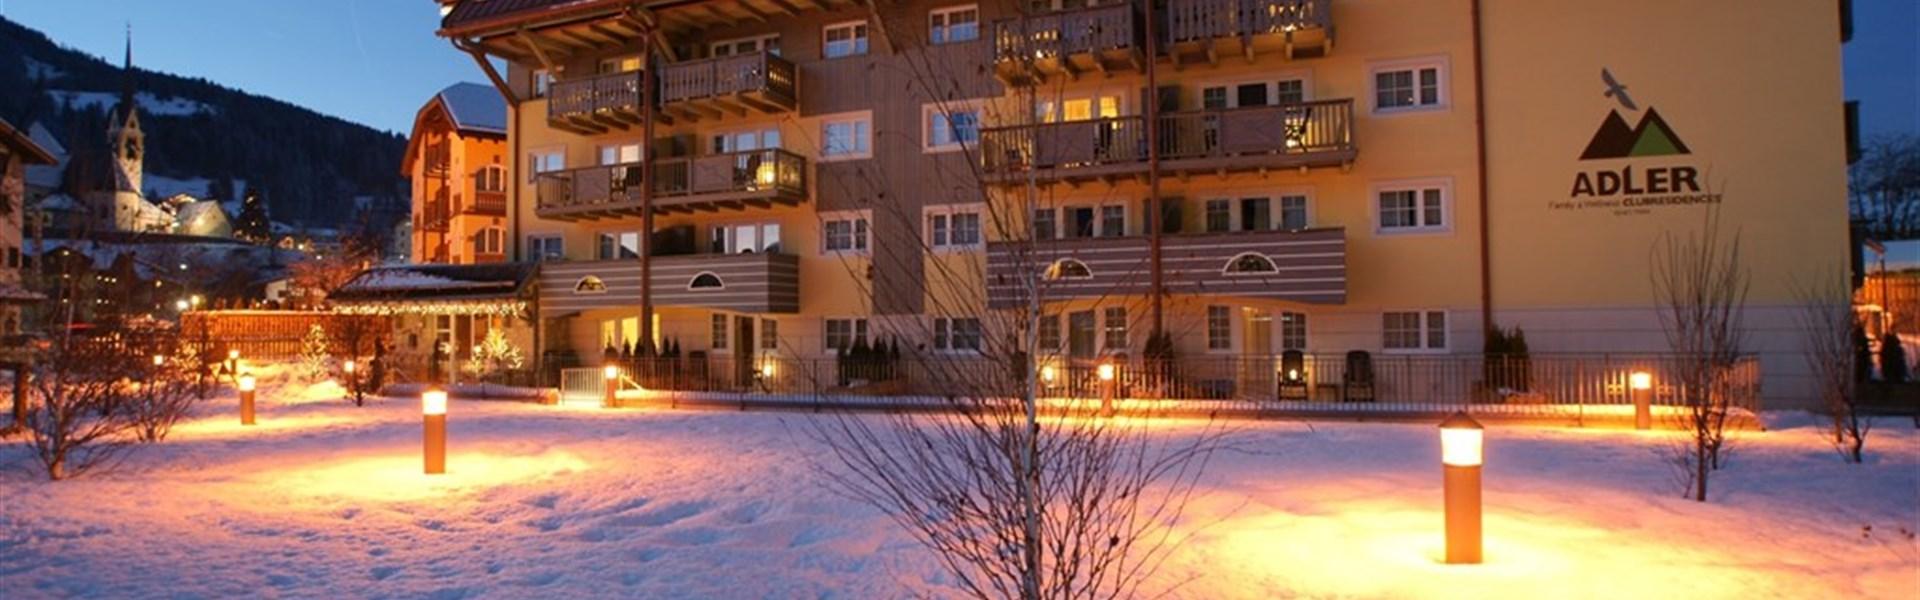 Marco Polo - Hotel Residence Adler -